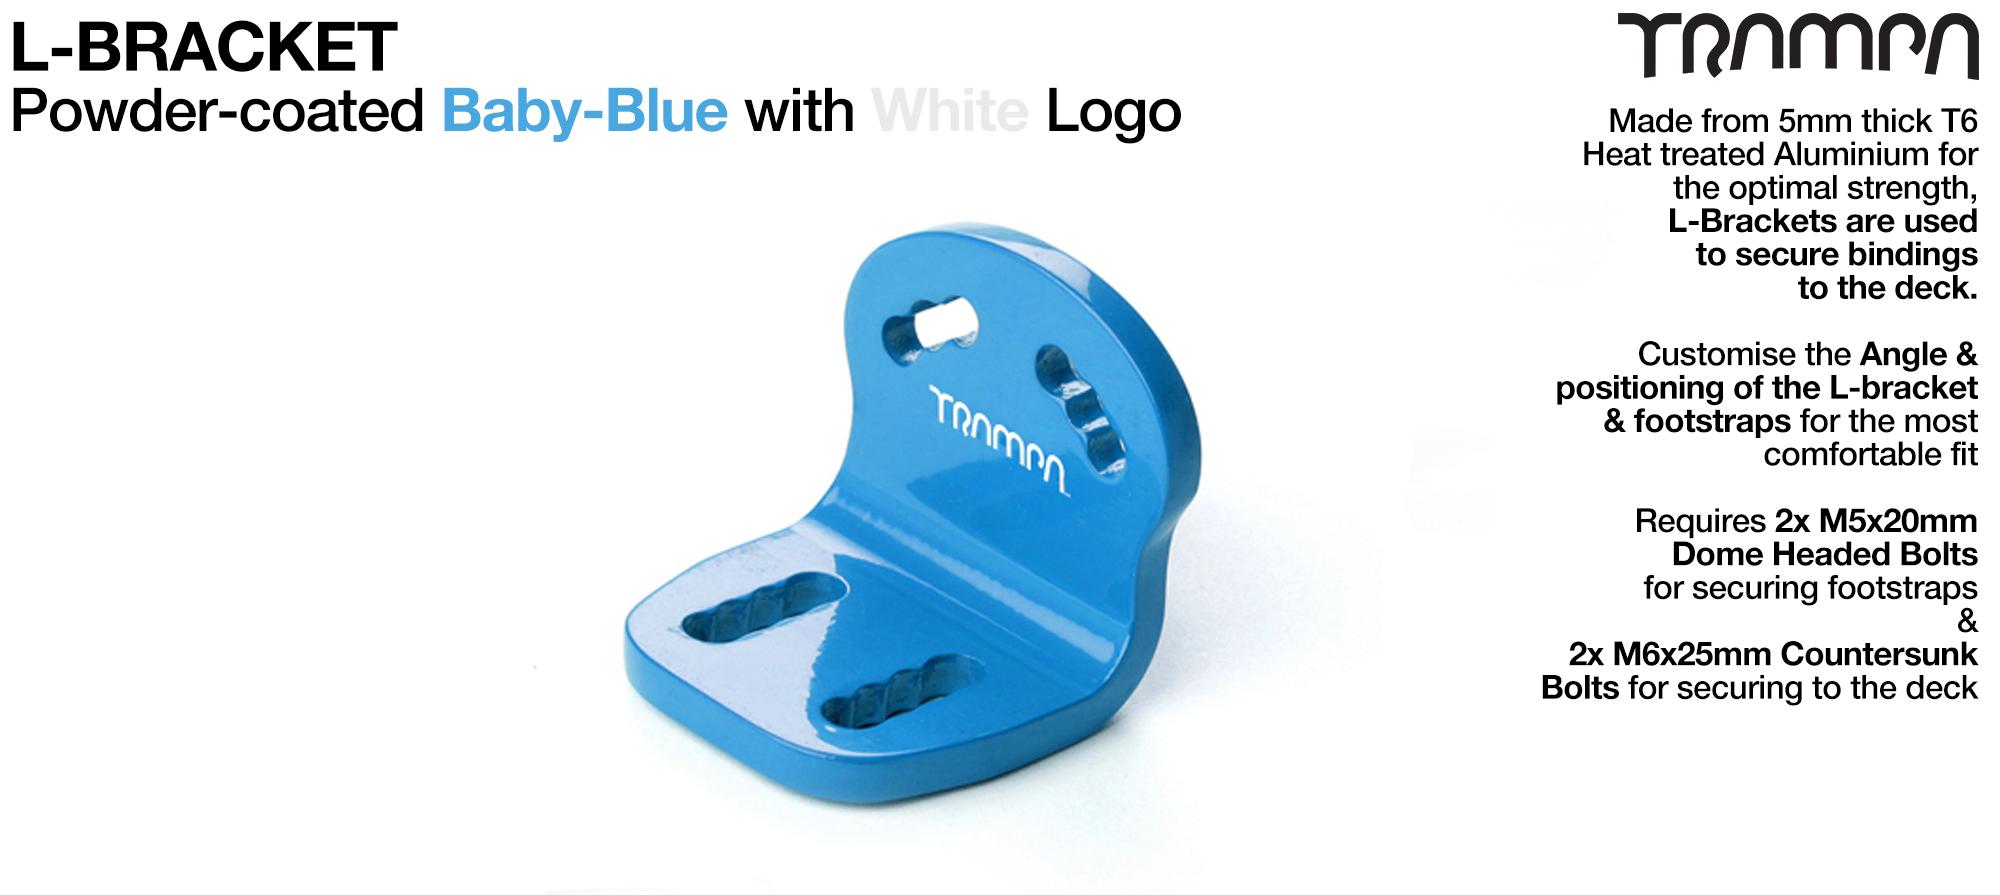 L Bracket - Powder-Coated Baby BLUE with WHITE logo